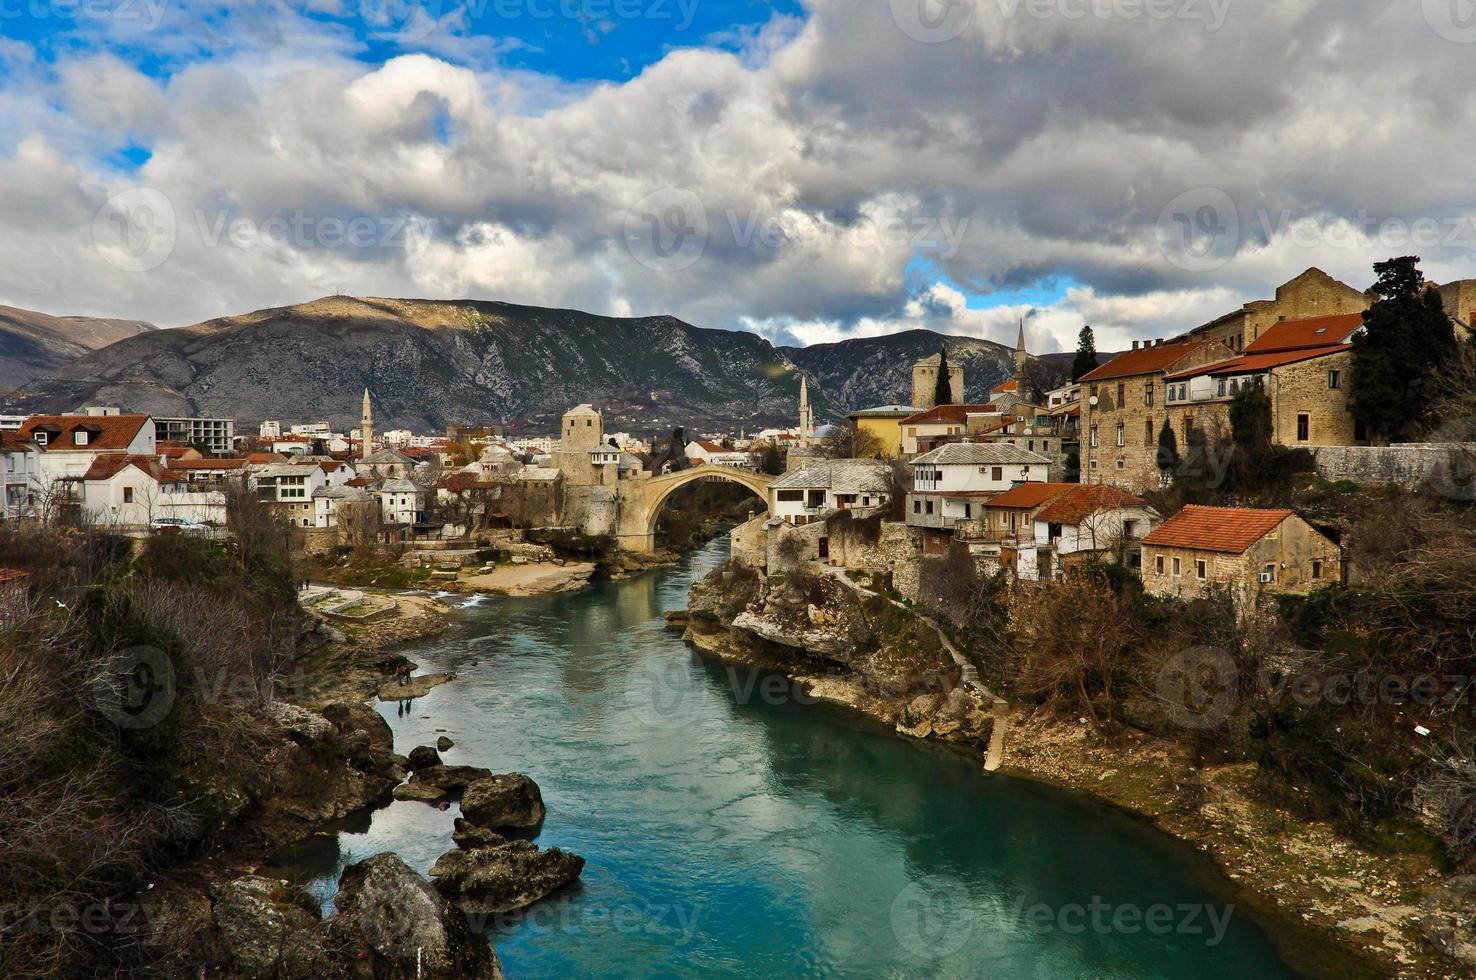 Mostar Altstadt Stadtbild und Landschaft foto